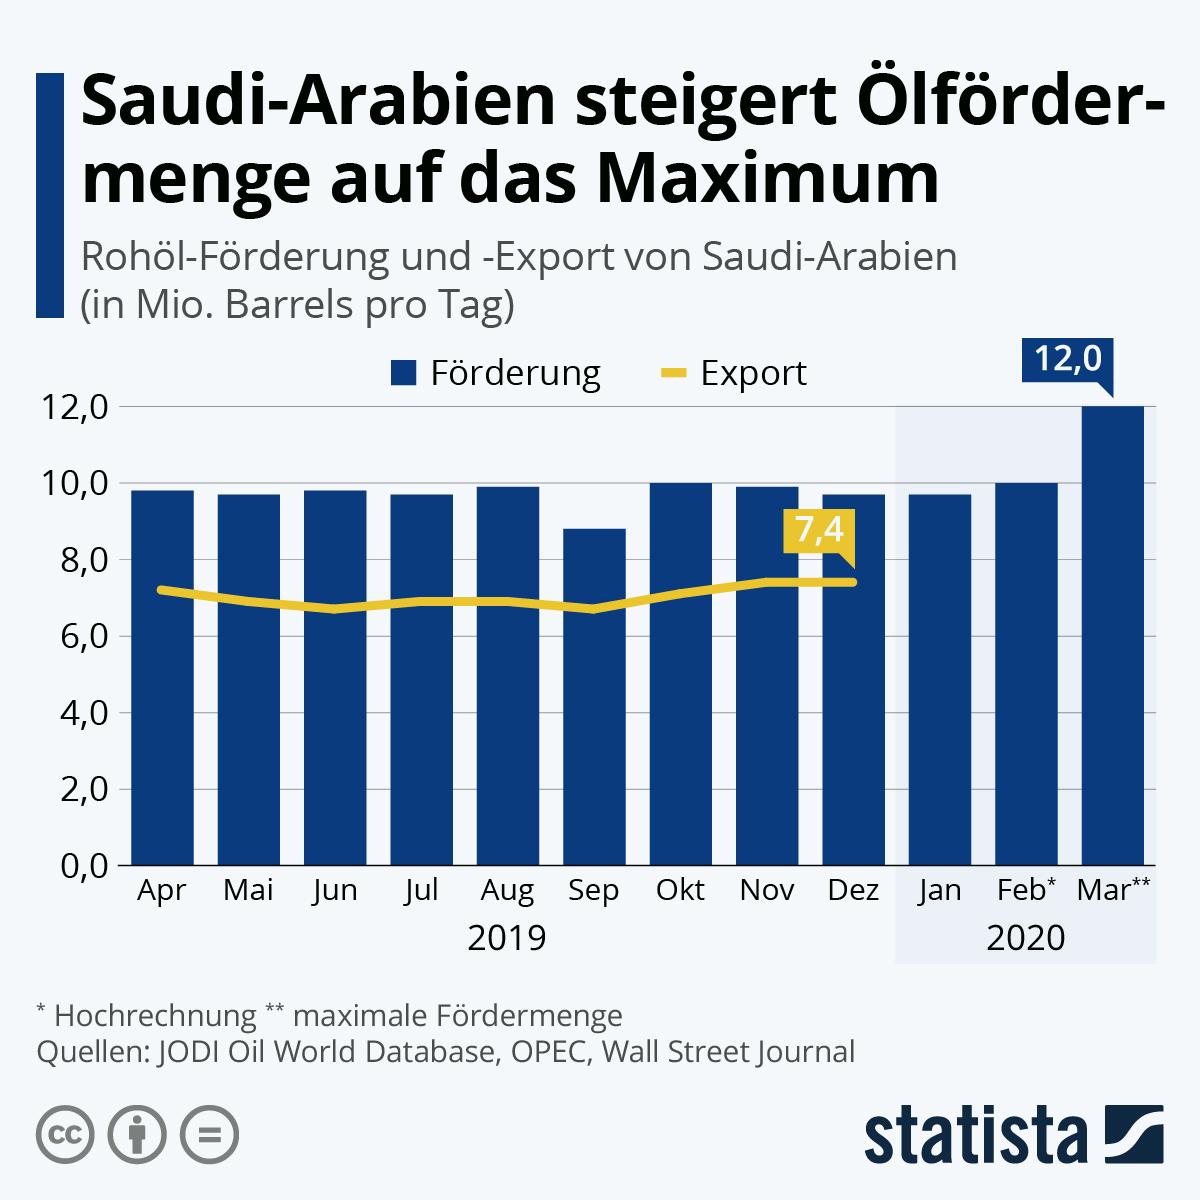 Ölförderung von Saudi-Arabien